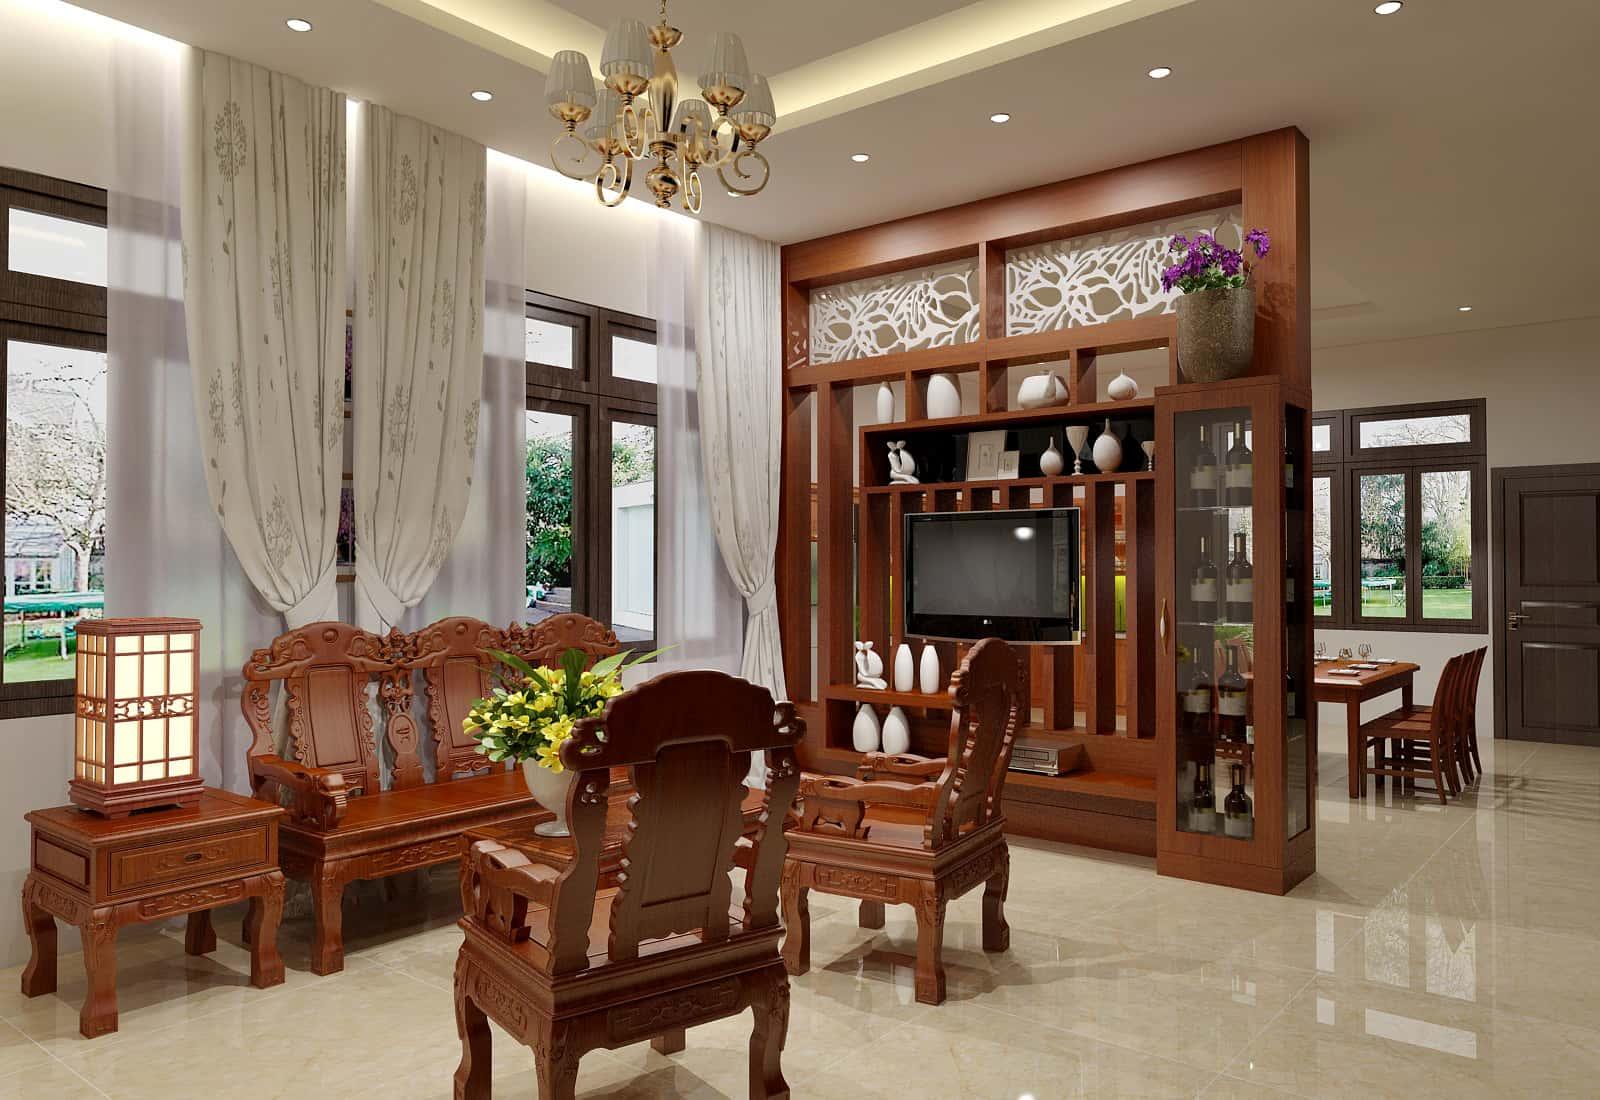 nội thất gỗ tự nhiên hiện đại đẹp